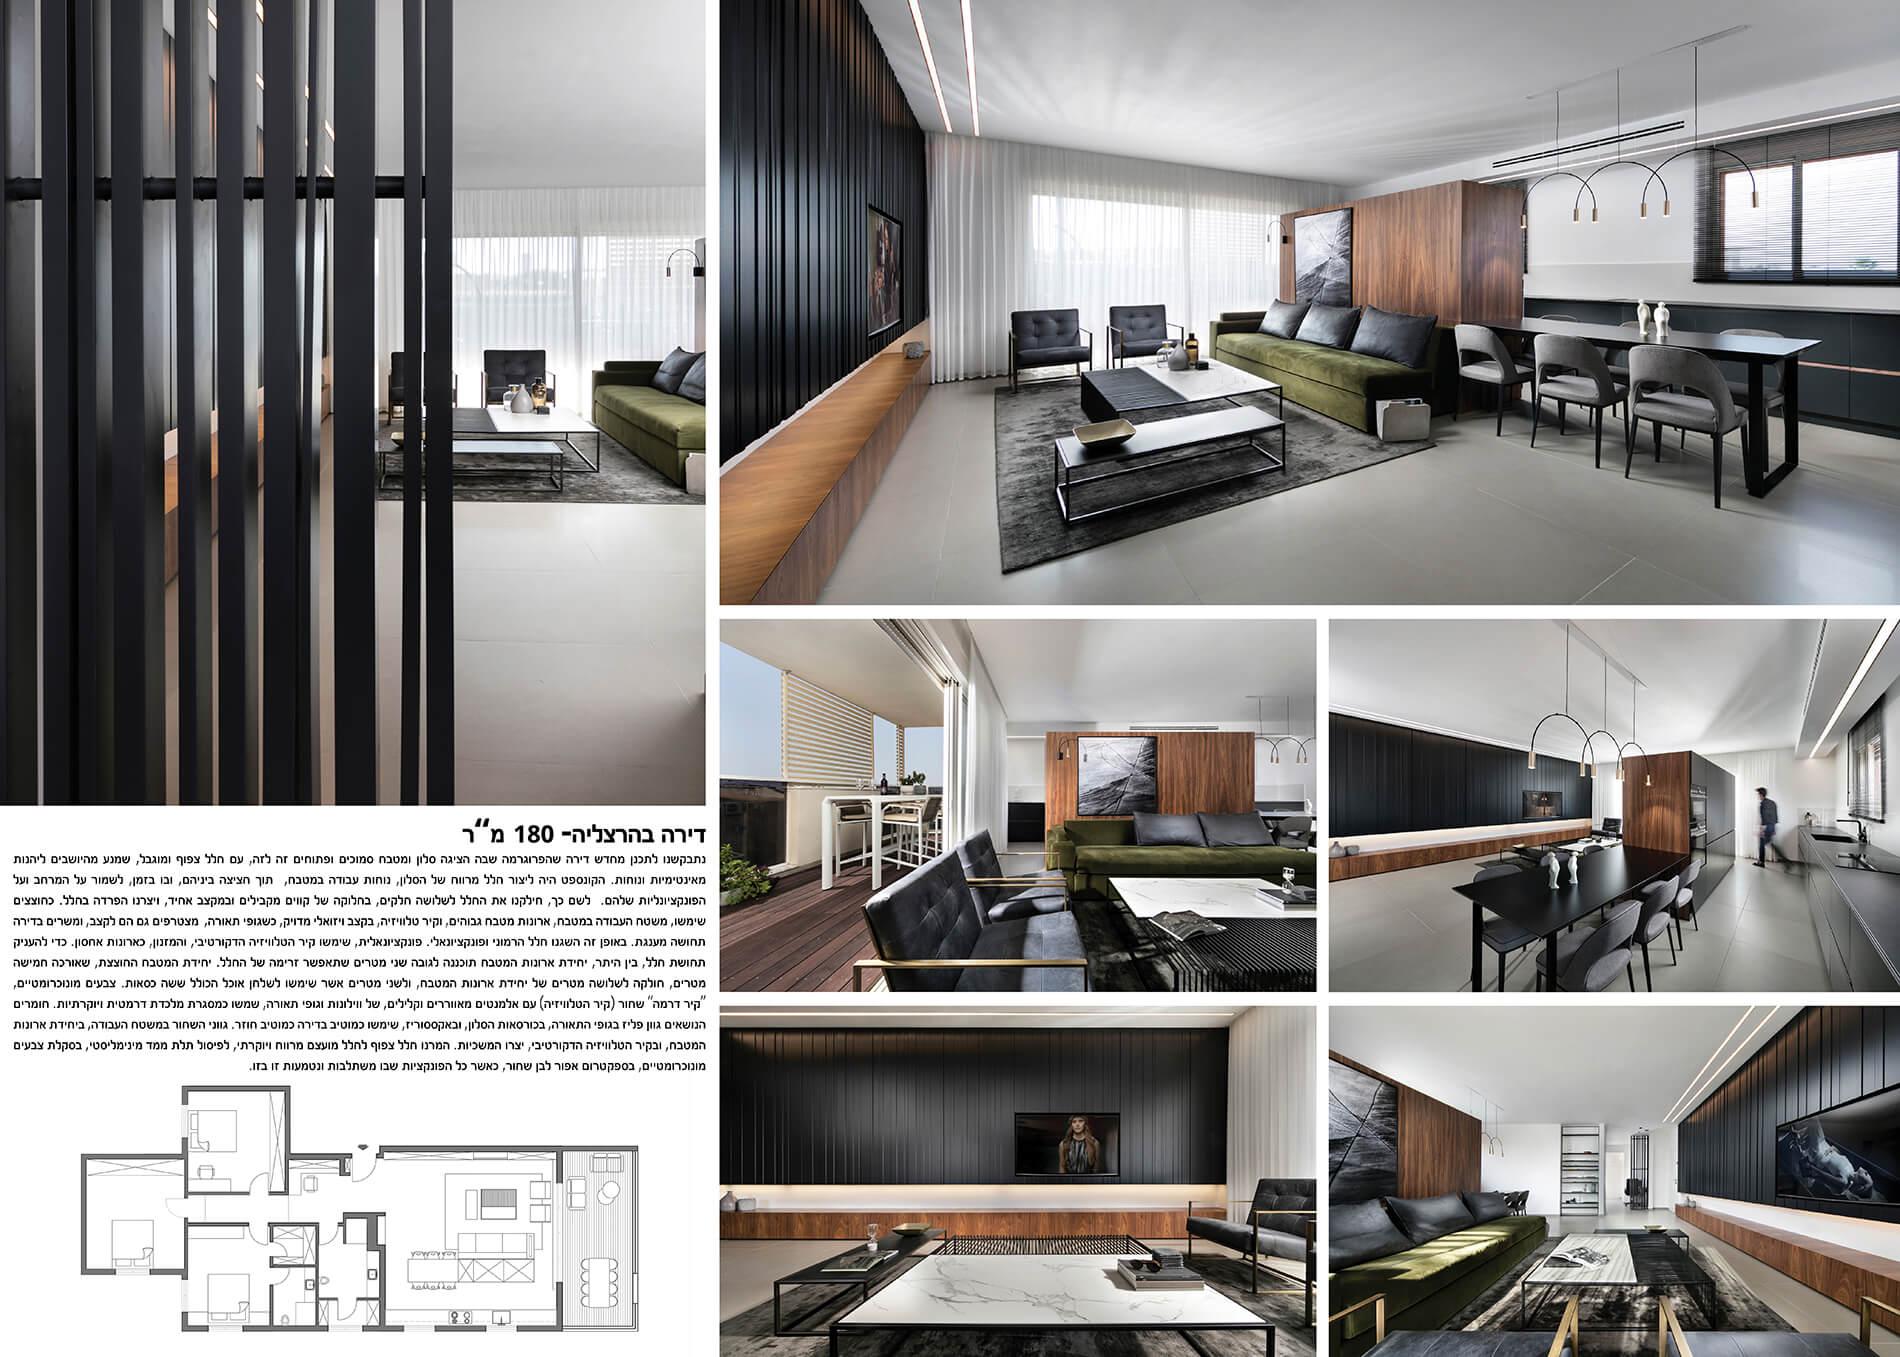 כתבה מן העיתונות על פרויקט בהרצליה ארז חייט - מכיל טקסט על התמונה